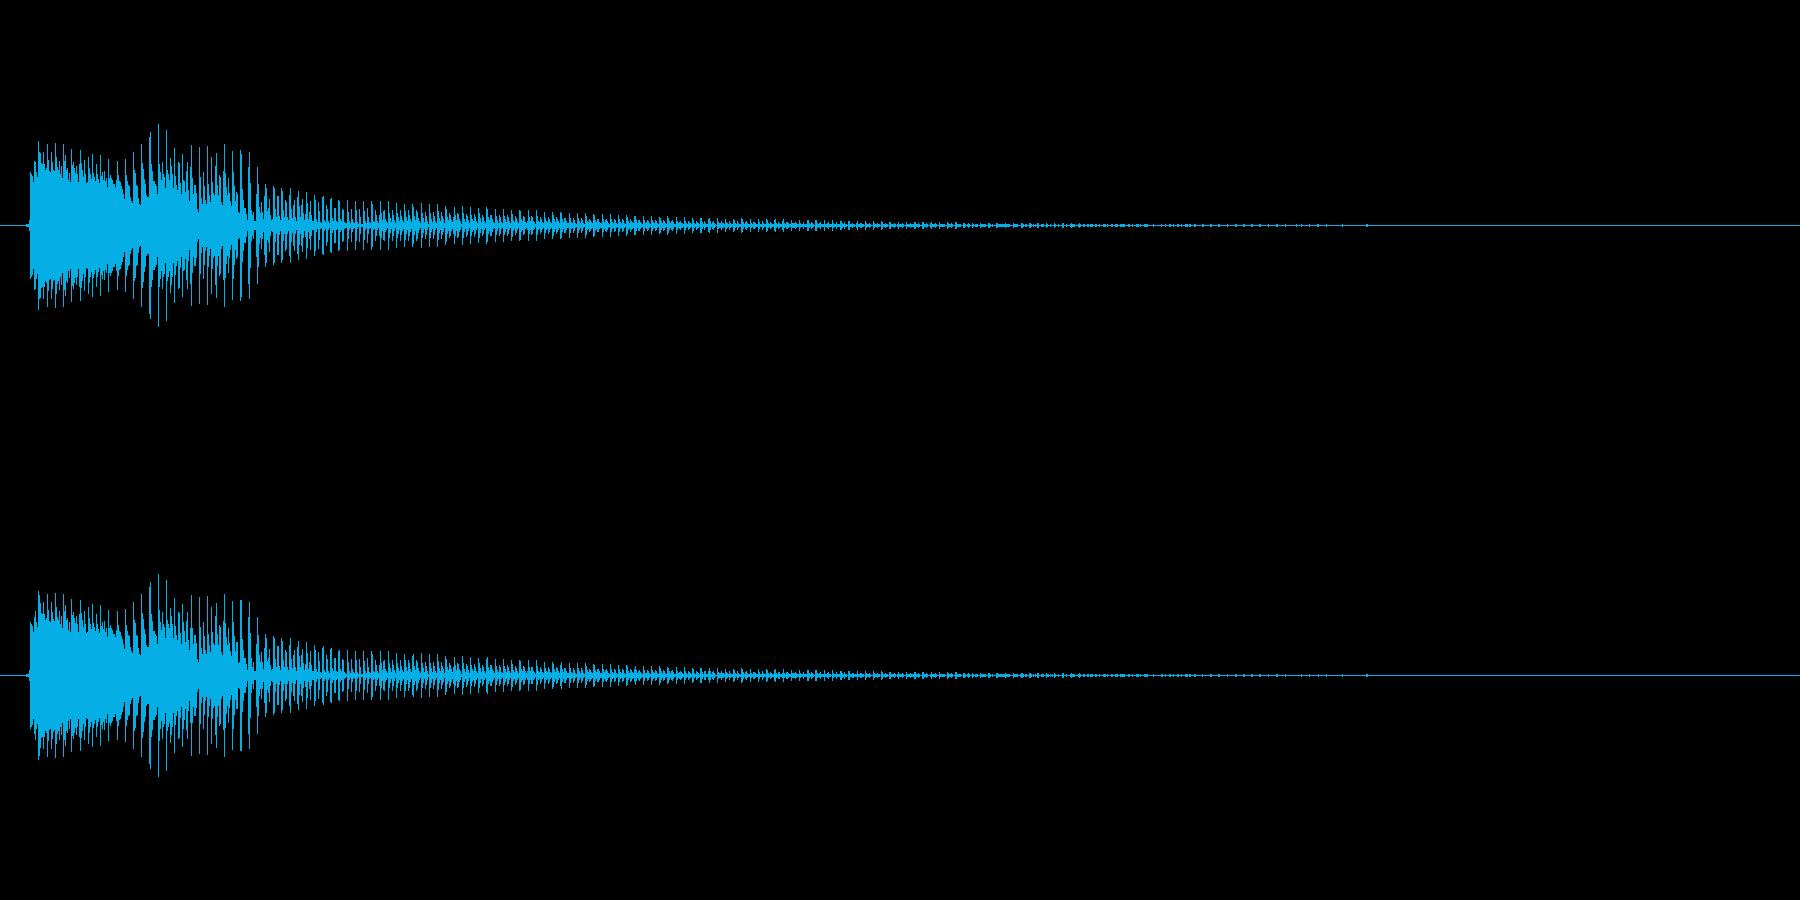 コミカルなジャンプ音 ボイン ビョン1の再生済みの波形